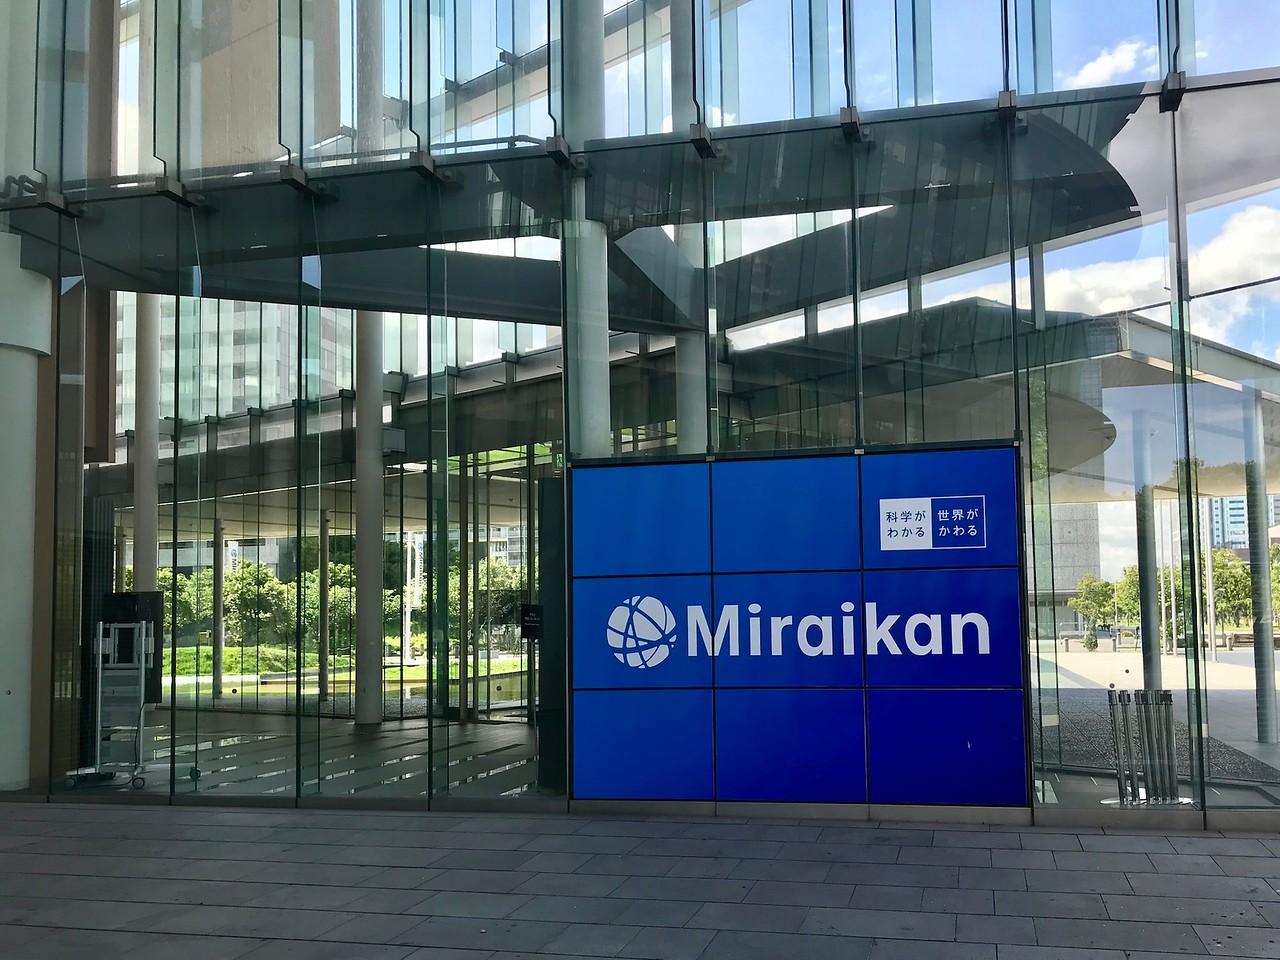 Miraikan